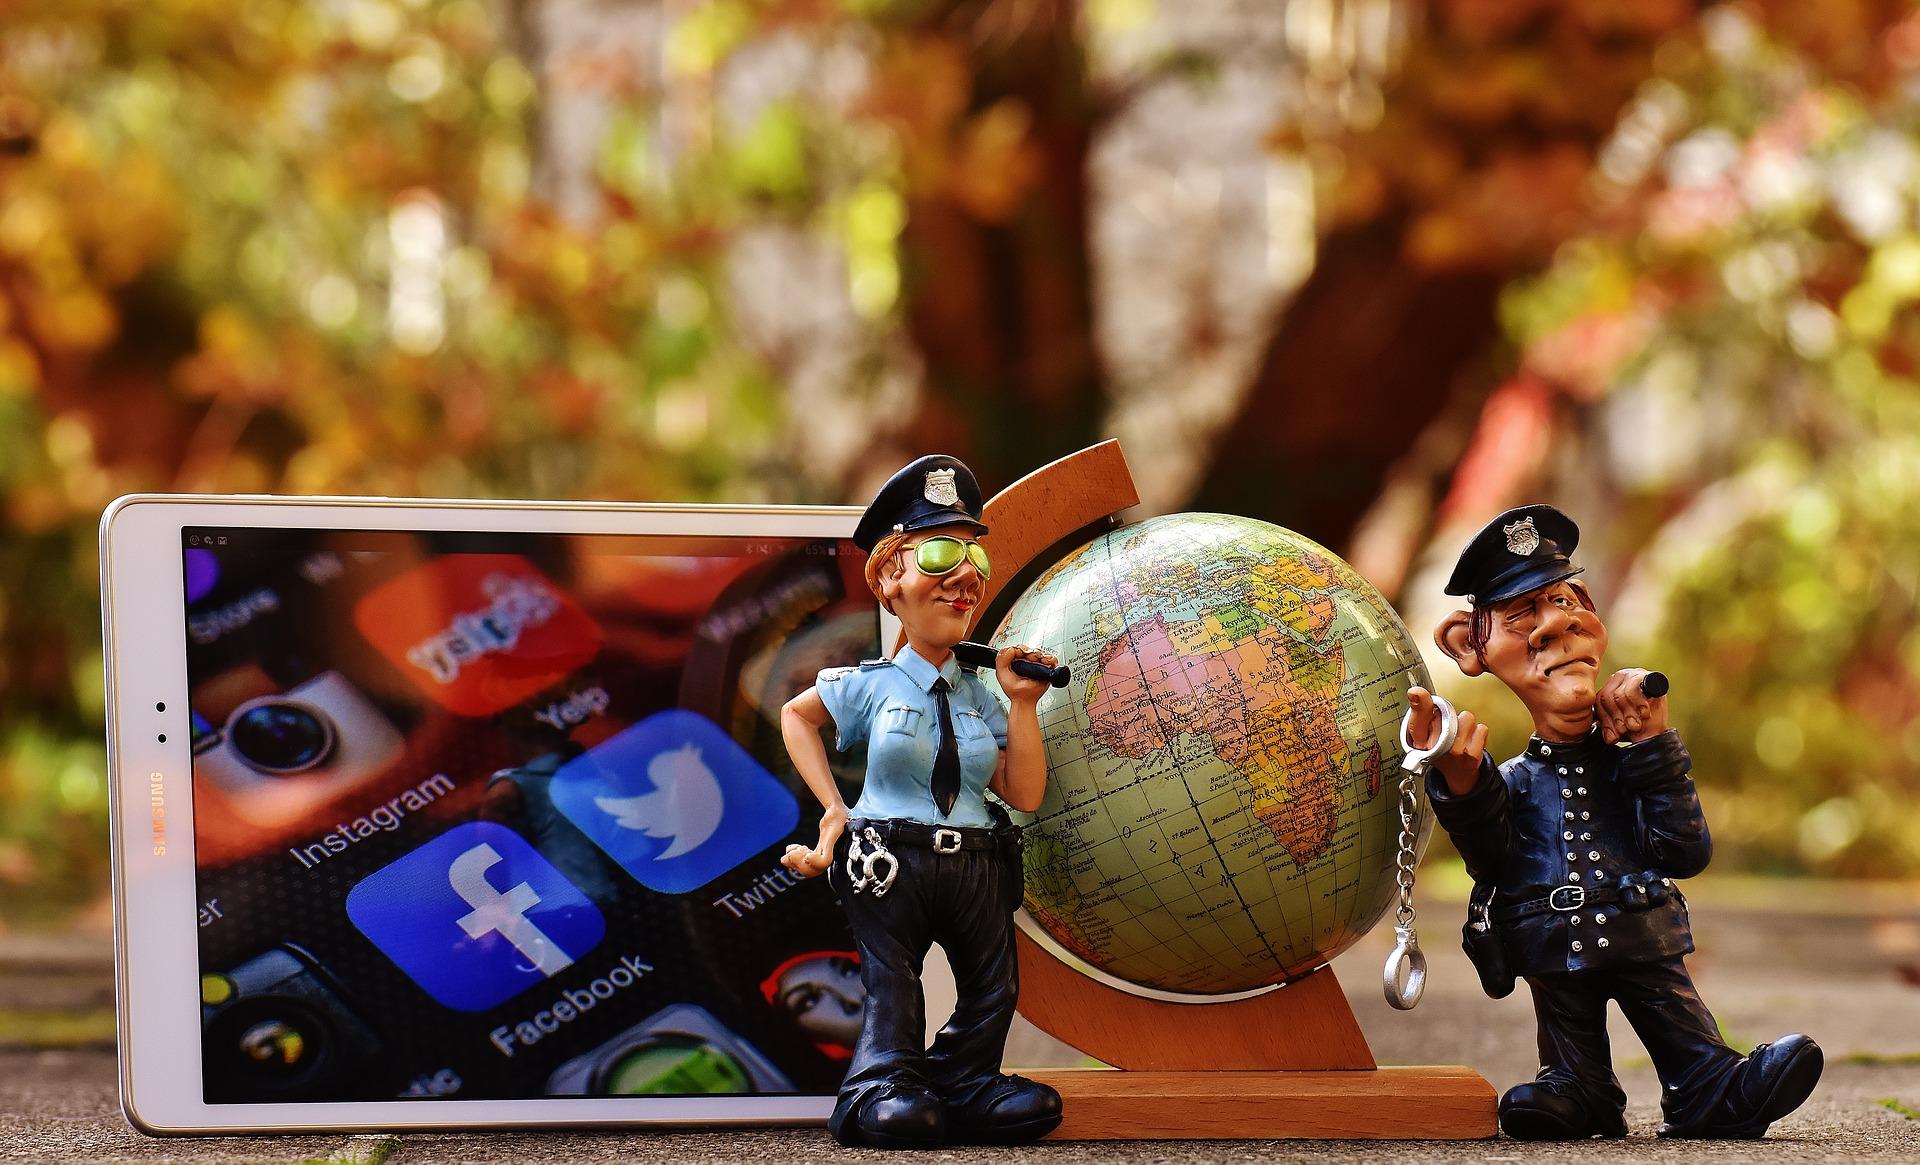 Najwyższy czas, by zapanować nad swoimi mediami społecznościowymi. Sprawdź, co musisz zmienić! [Poradnik] Twitter social media 1845986 1920